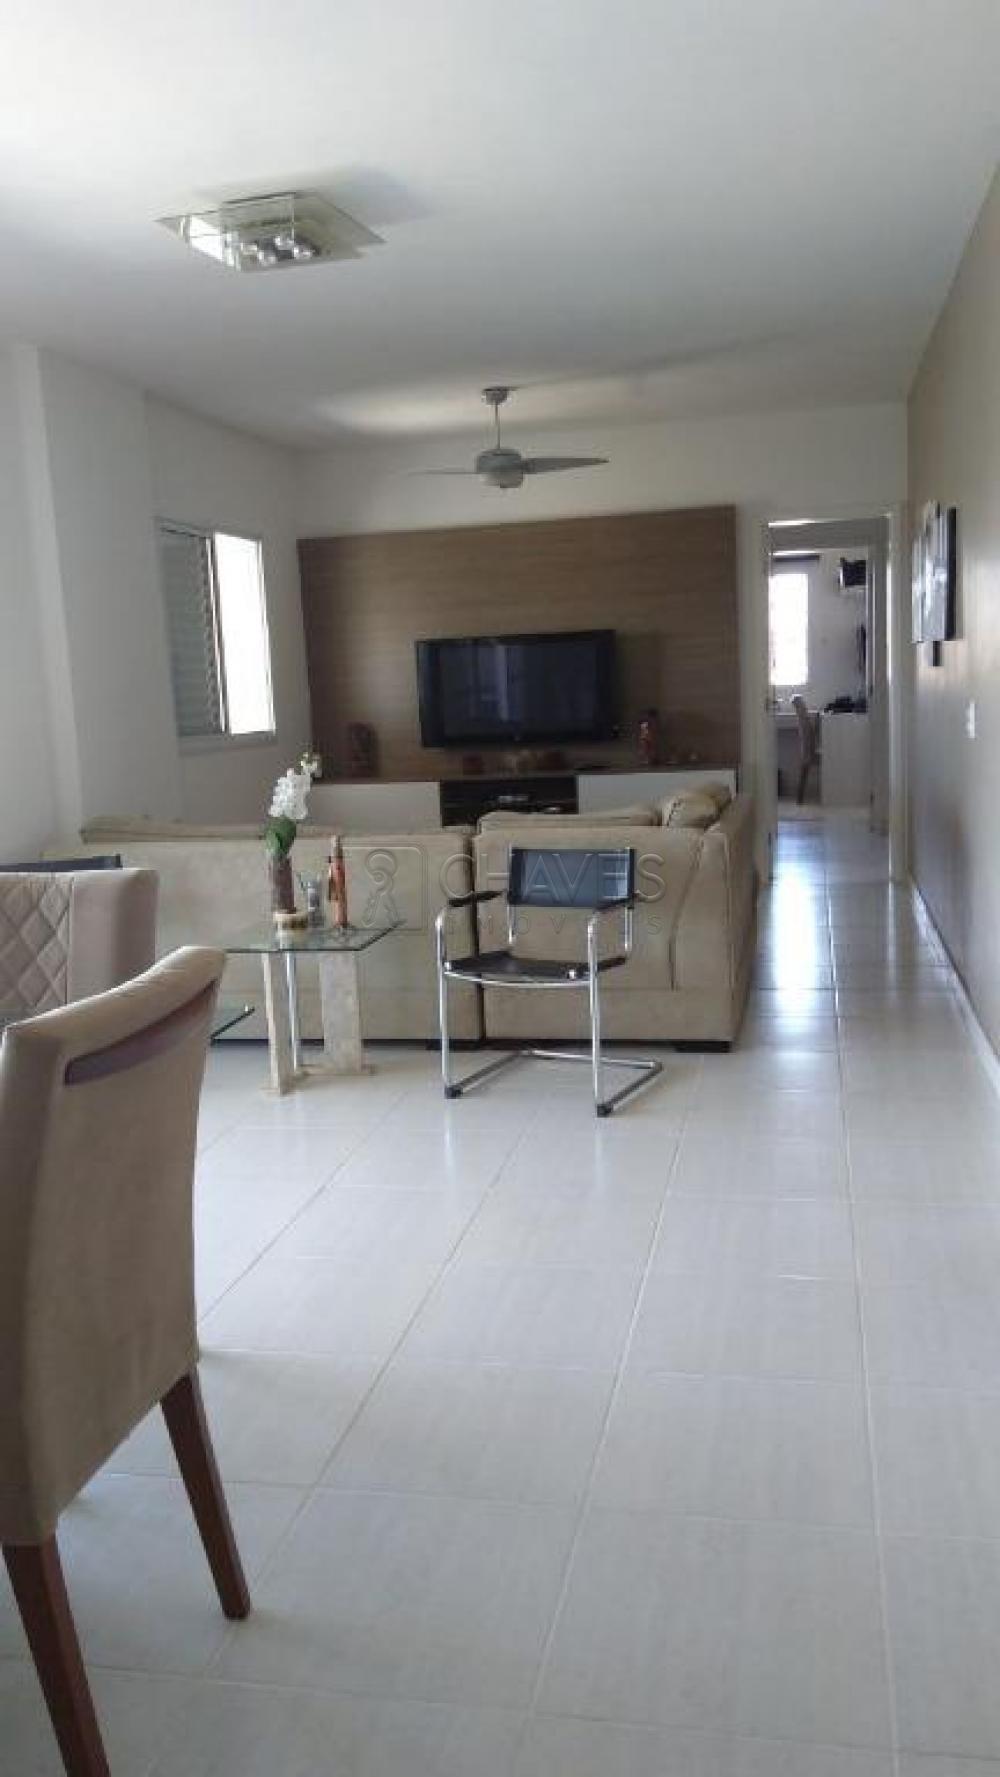 Ribeirao Preto Apartamento Venda R$650.000,00 Condominio R$550,00 3 Dormitorios 3 Suites Area construida 128.00m2